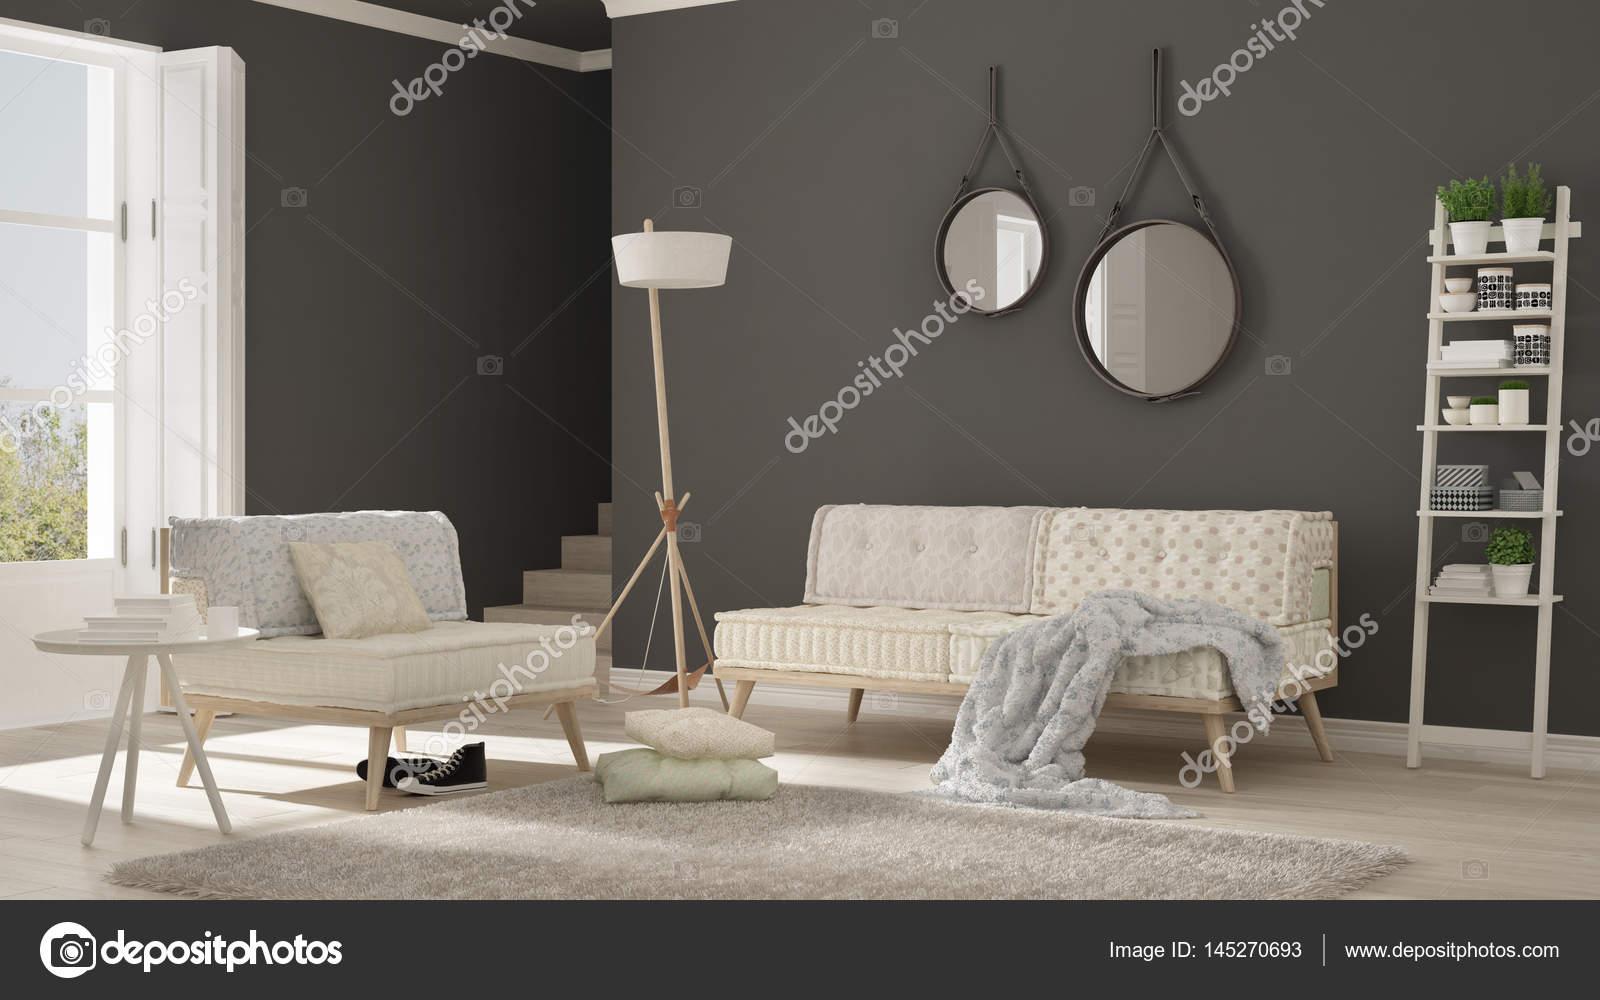 Skandinavisches Wohnzimmer | Skandinavisches Wohnzimmer Mit Couch Sessel Und Weiches Fell